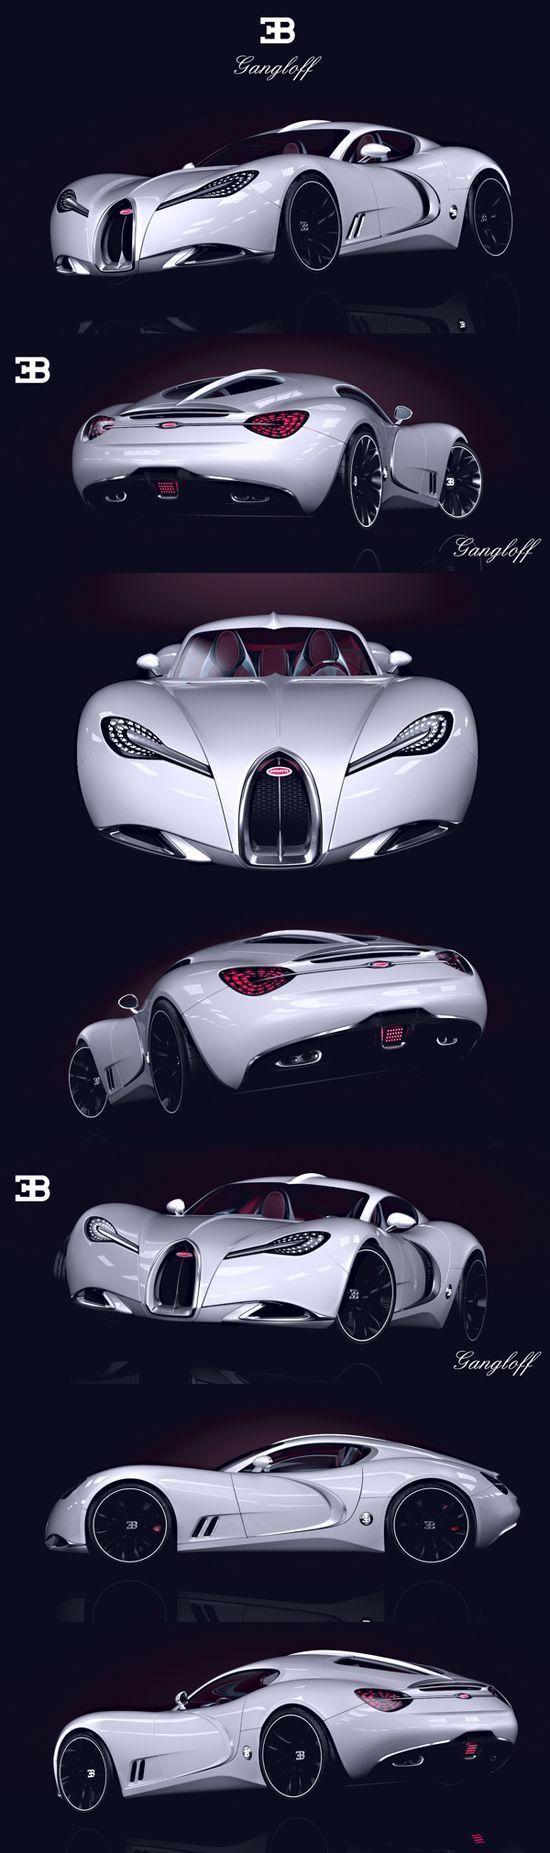 Photo of #Laxary laxary.de/… BUGATTI GANGLOFF CONCEPT CAR  INVISIUM Bugatti Bugatti Gan…